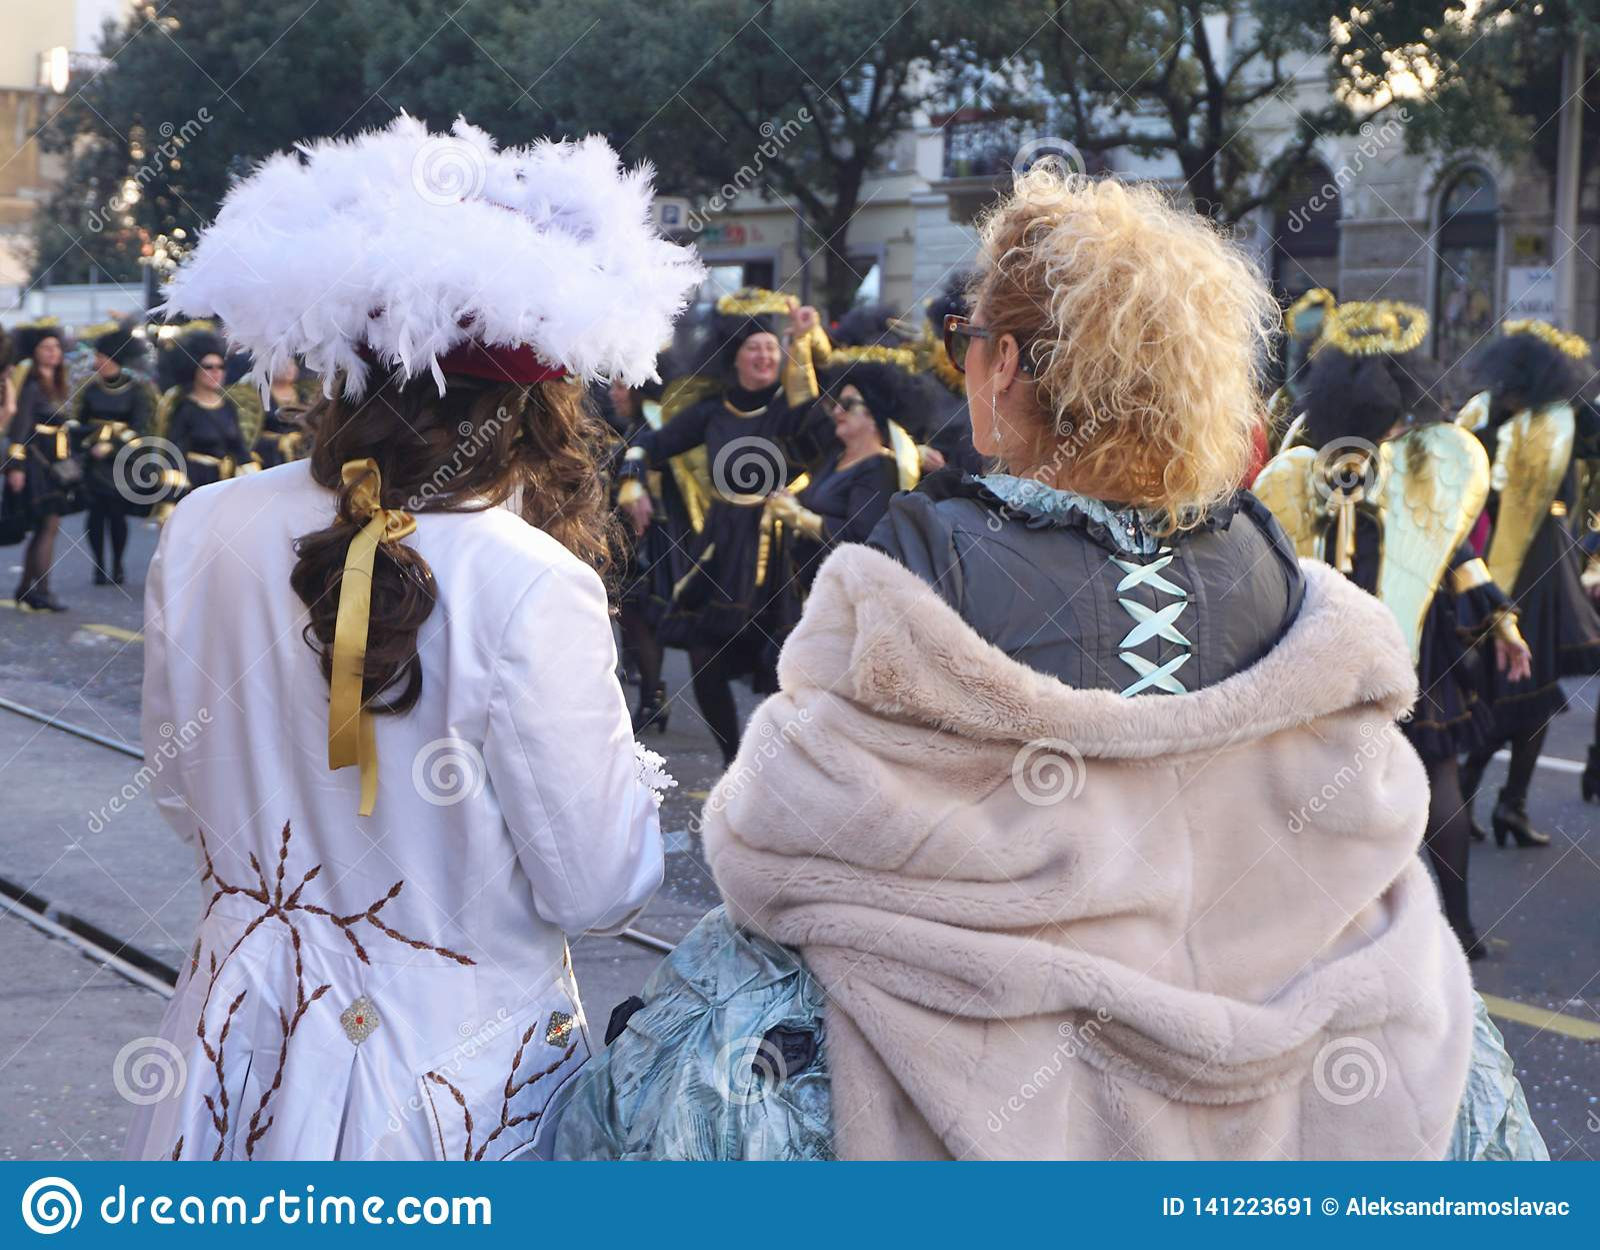 Gekostumeerd paar van de rug, op de straat bij de Carnaval-parade